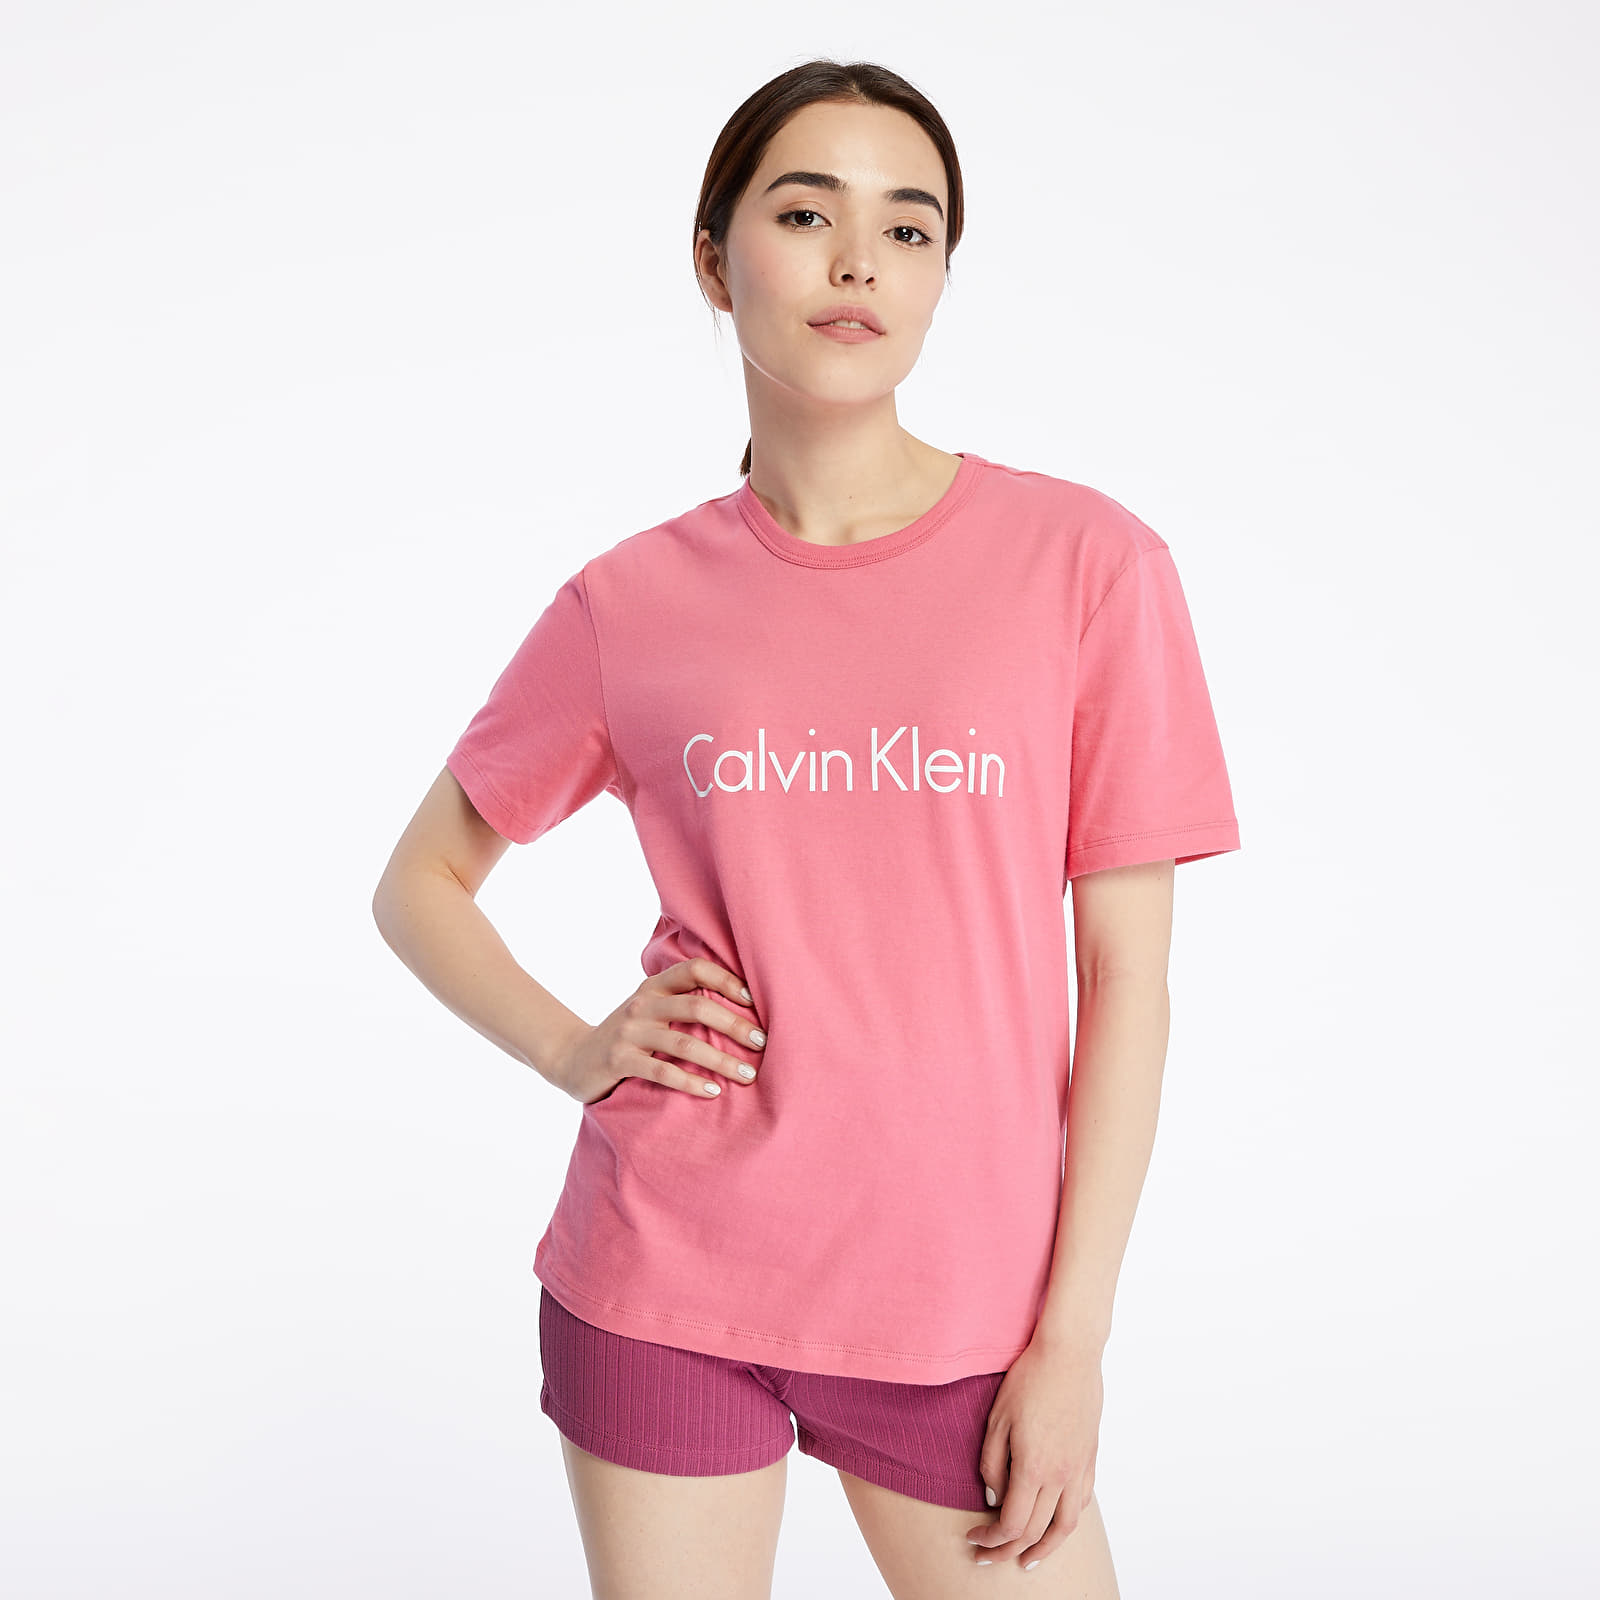 Calvin Klein Tee